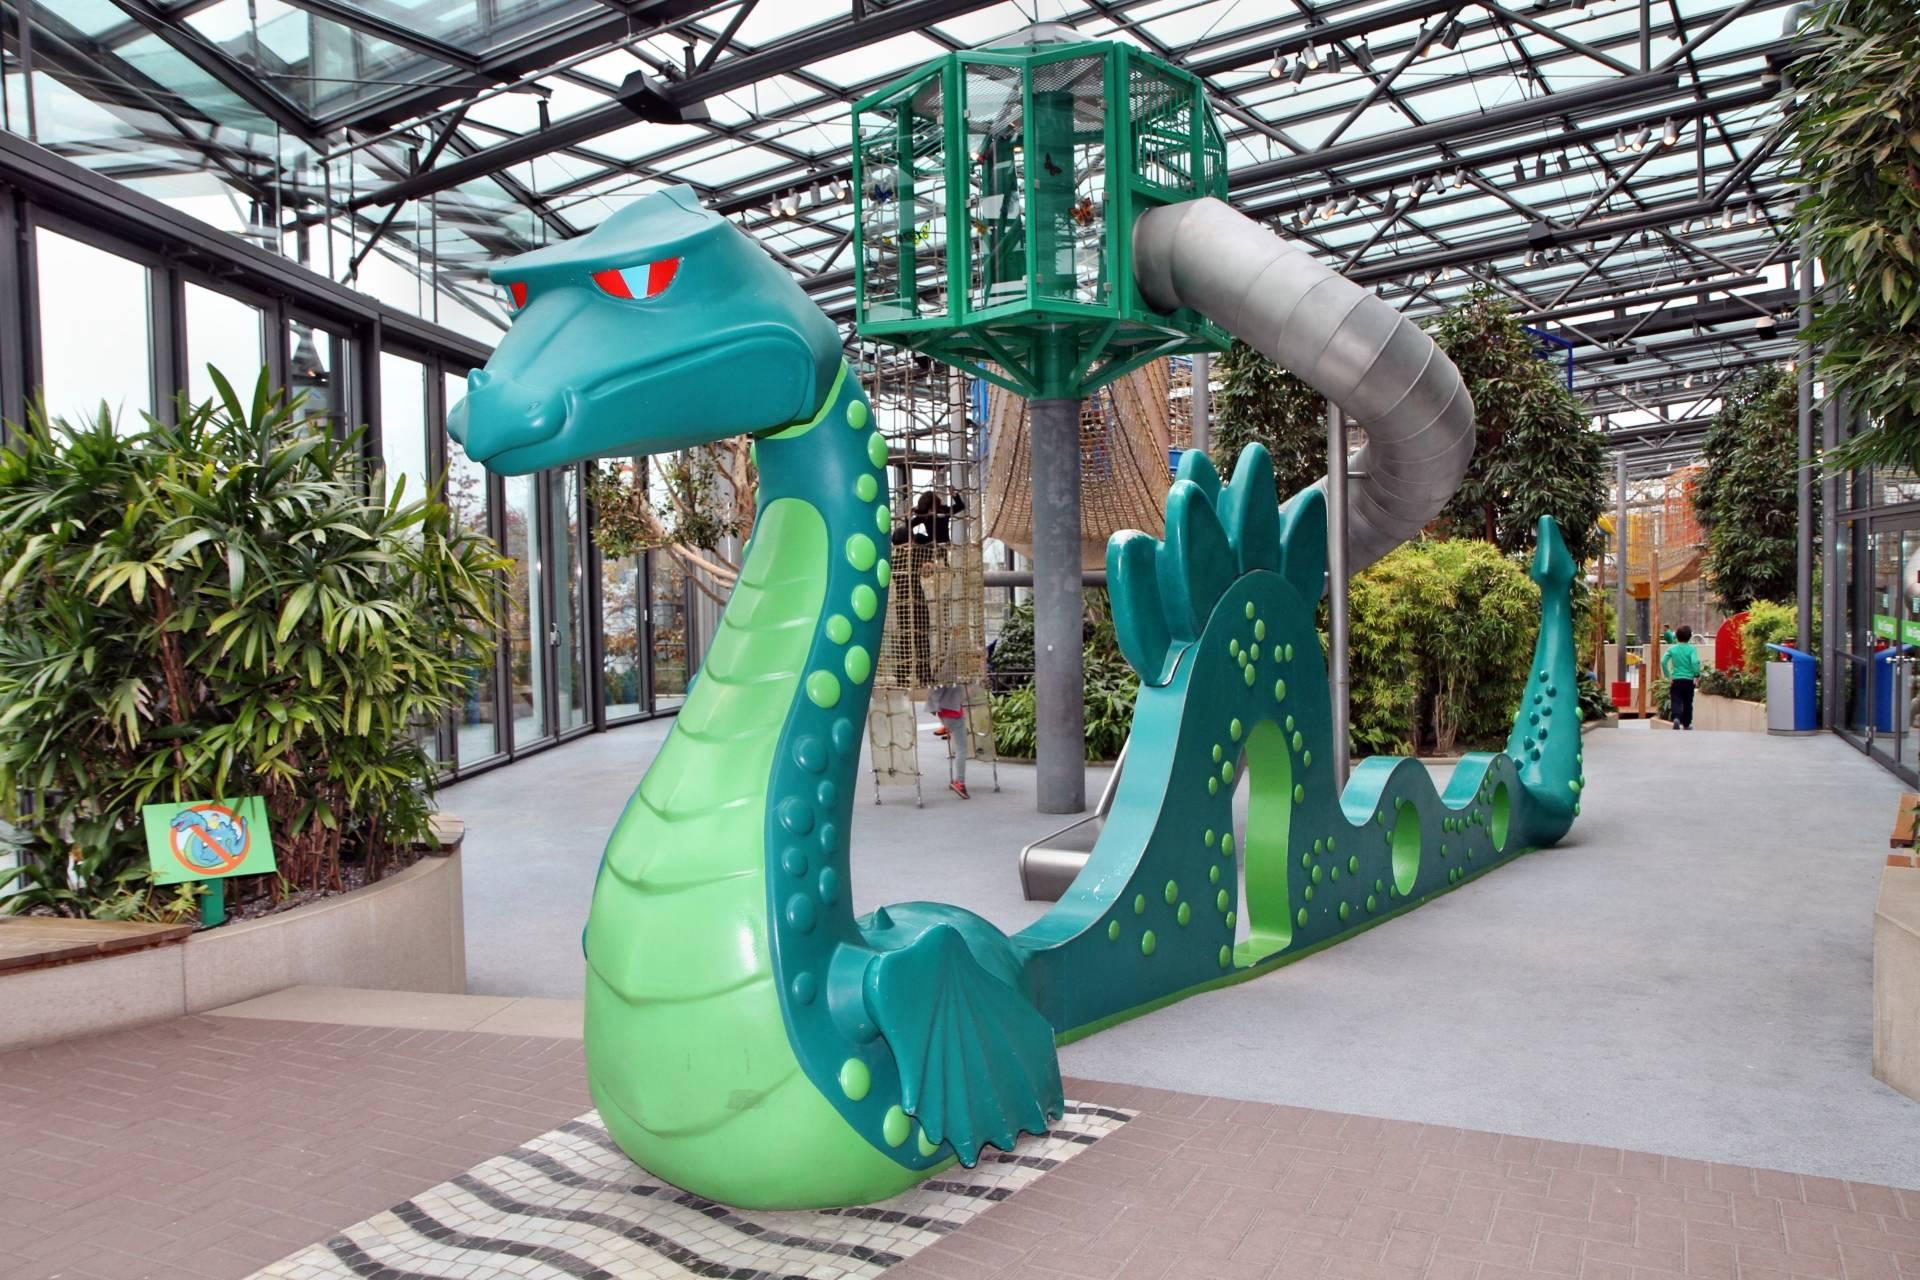 Im Klettergarten des HOB-Center im Playmobil Funpark wartet dieser Drache auf mutige Abenteurer.